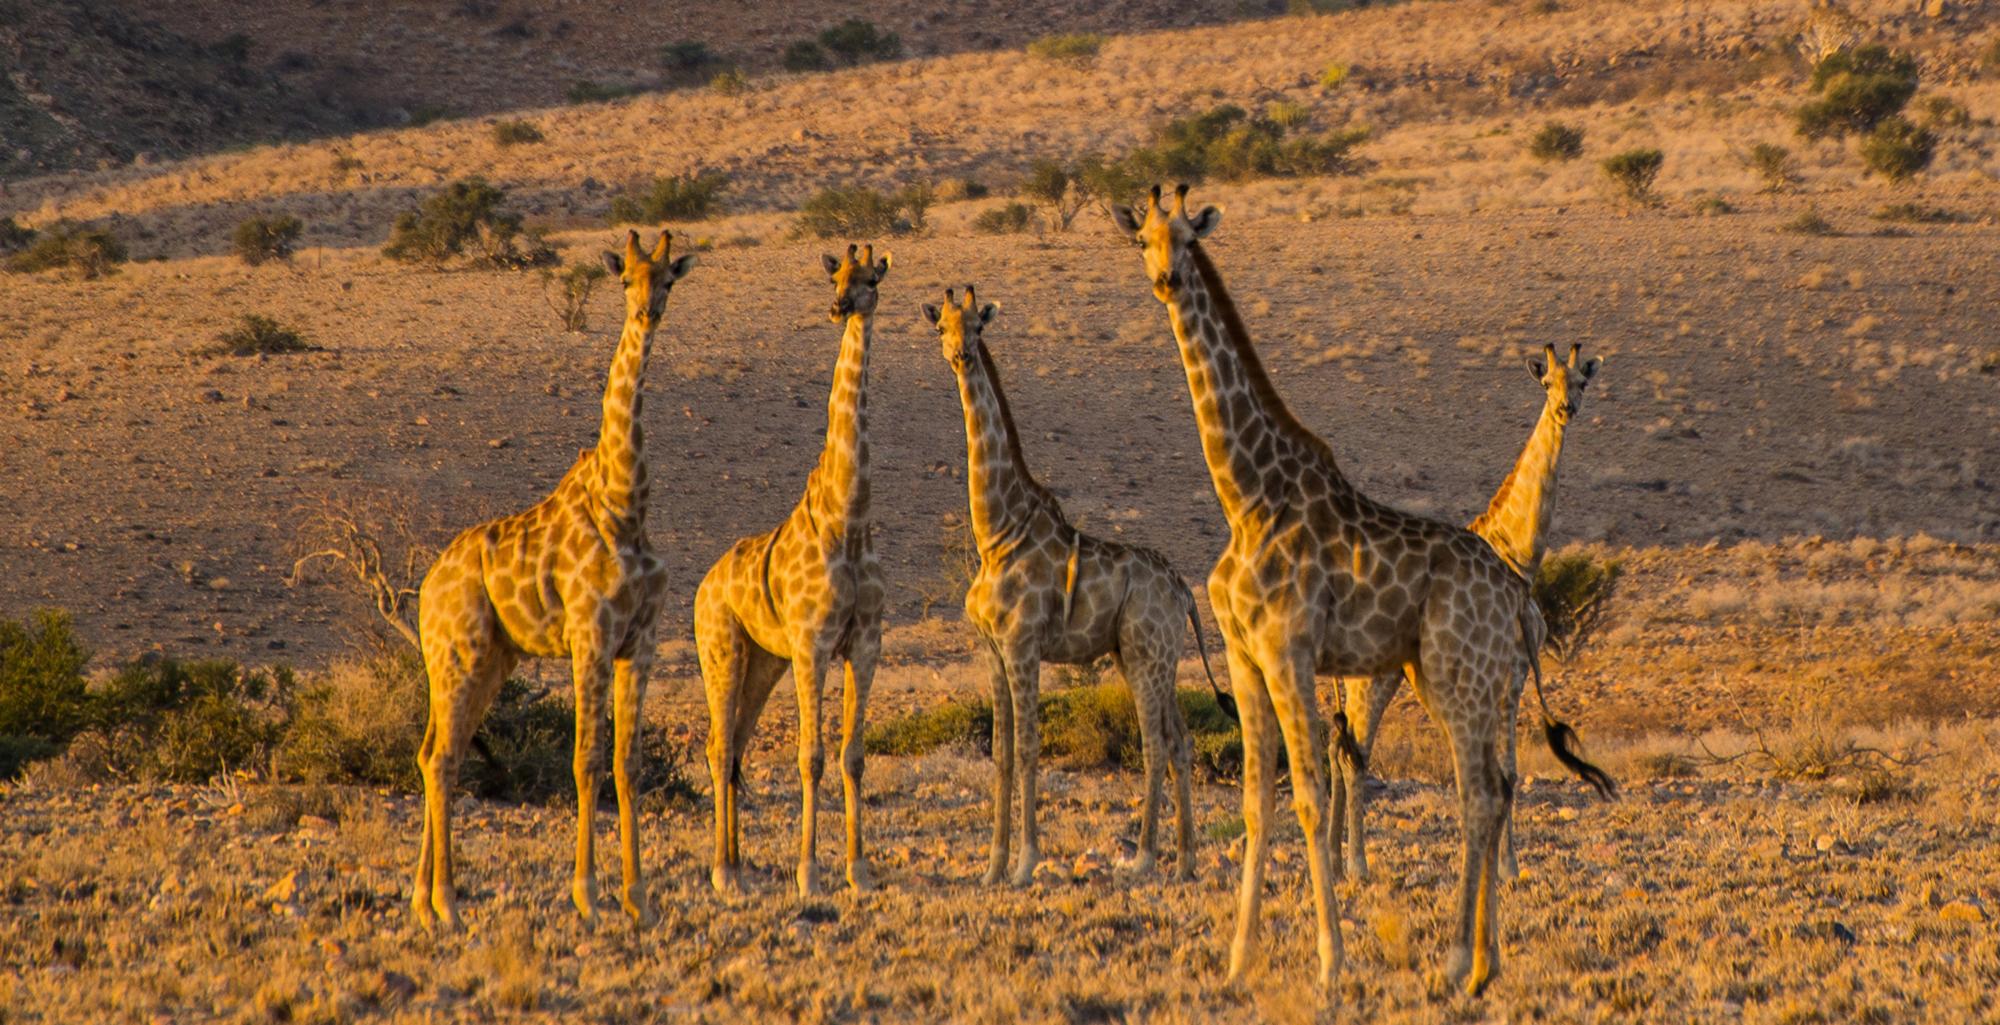 Namibia-Greater-Sossusvlei-Wildlife-Giraffe